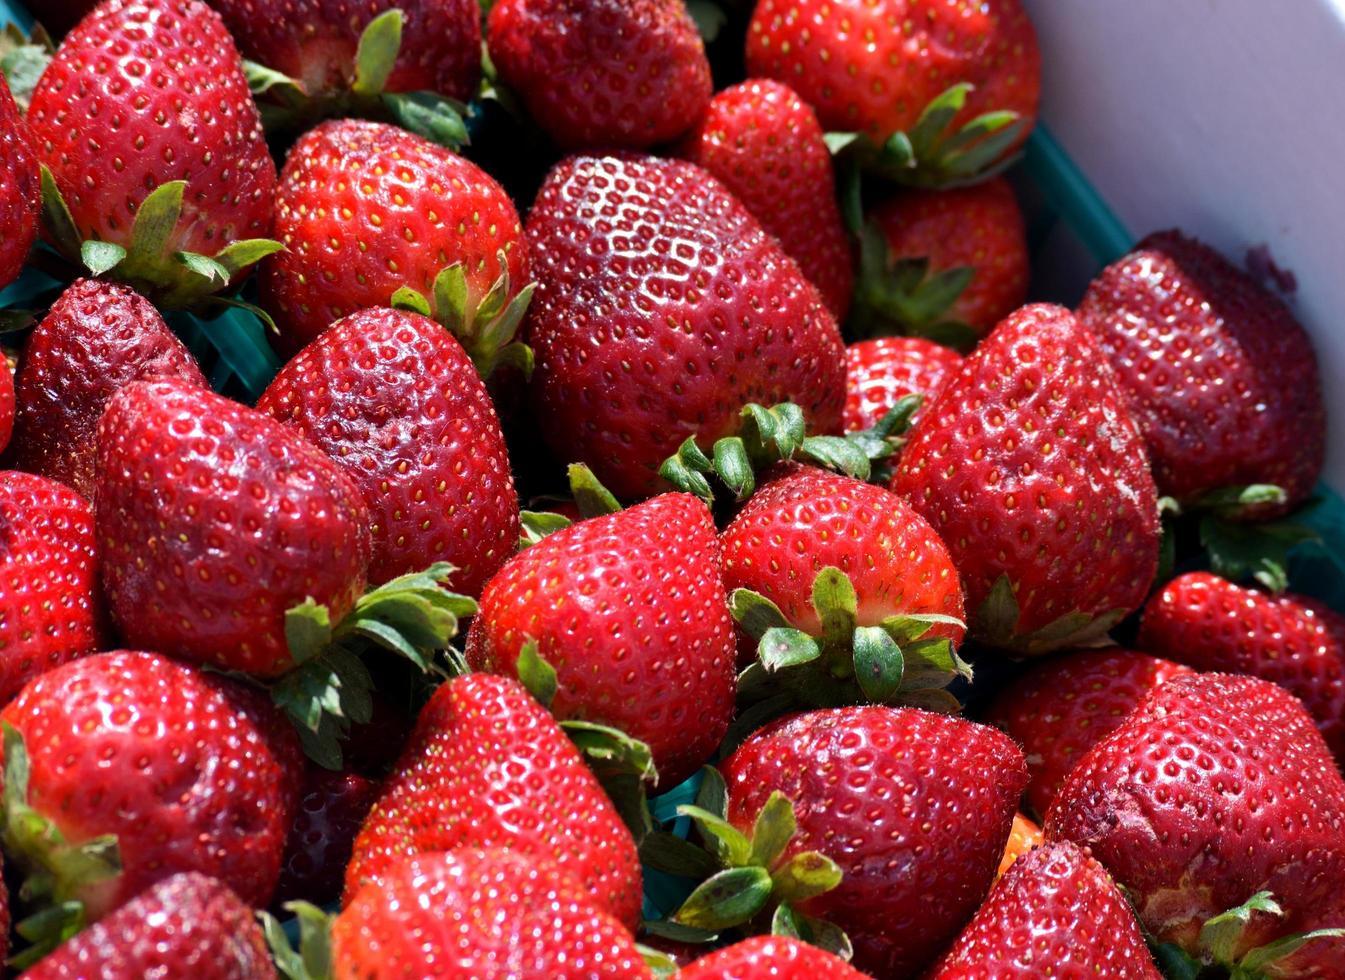 frische, leckere Erdbeeren foto